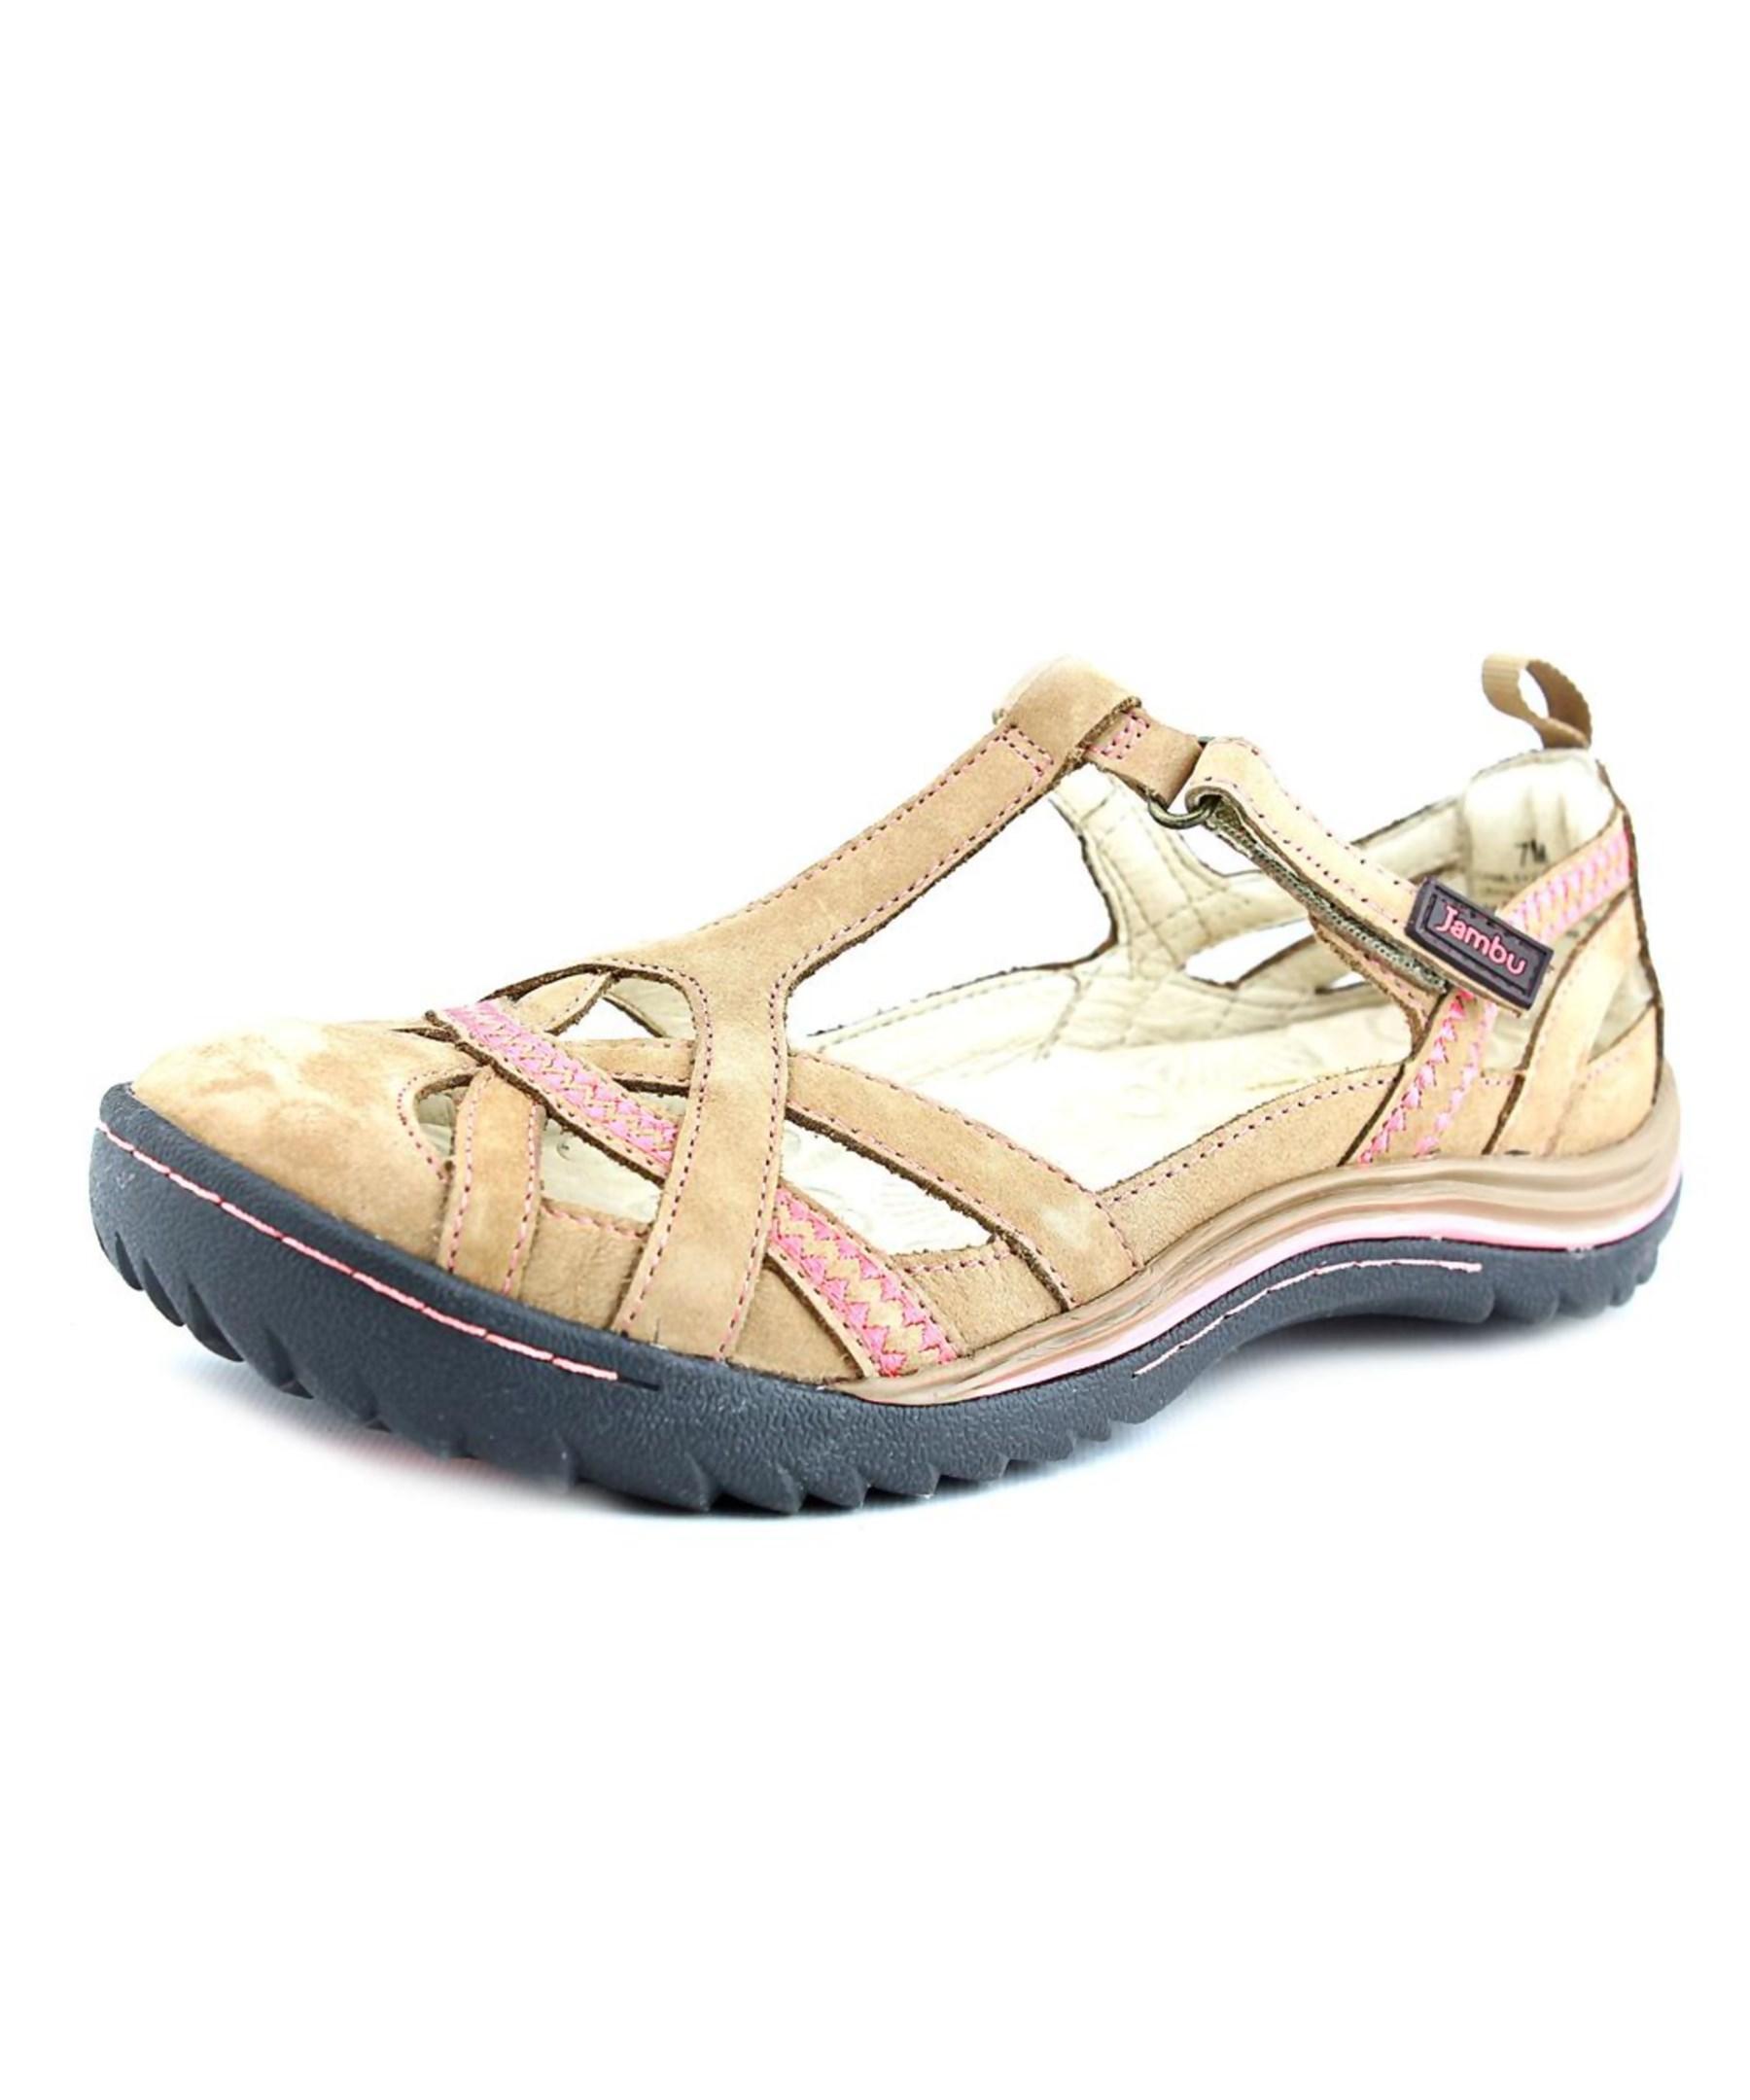 Jambu Walking Shoes